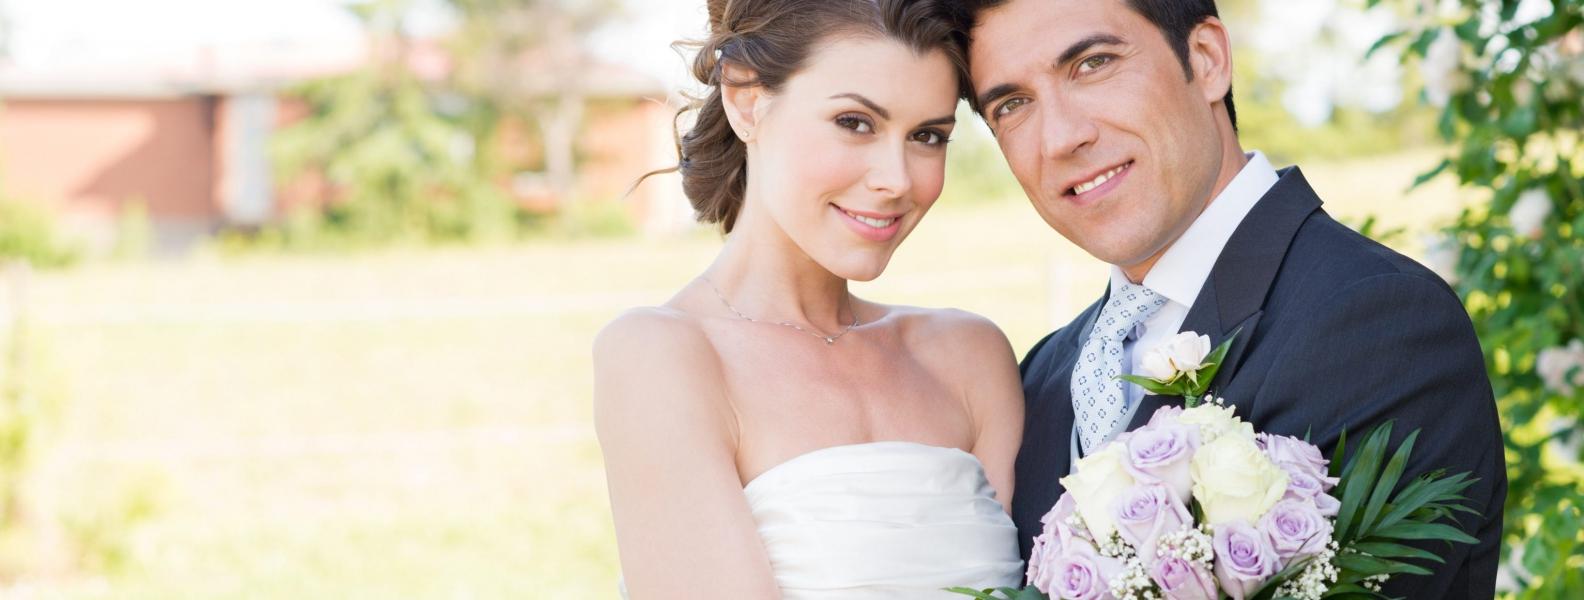 Inscripción en España de matrimonio realizado en el extranjero